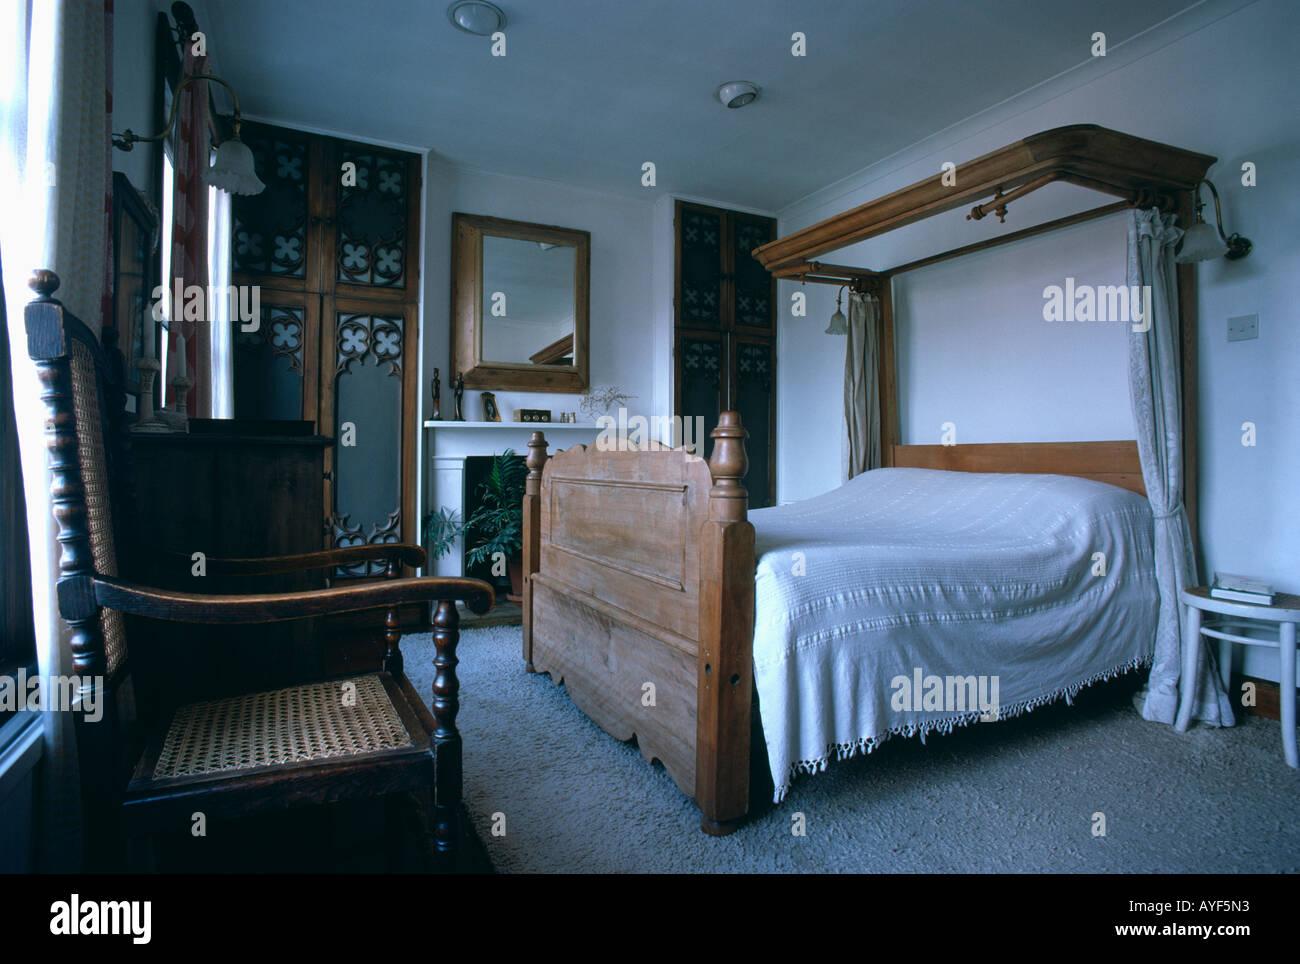 Letti a baldacchino antichi in legno: letti a baldacchino antichi